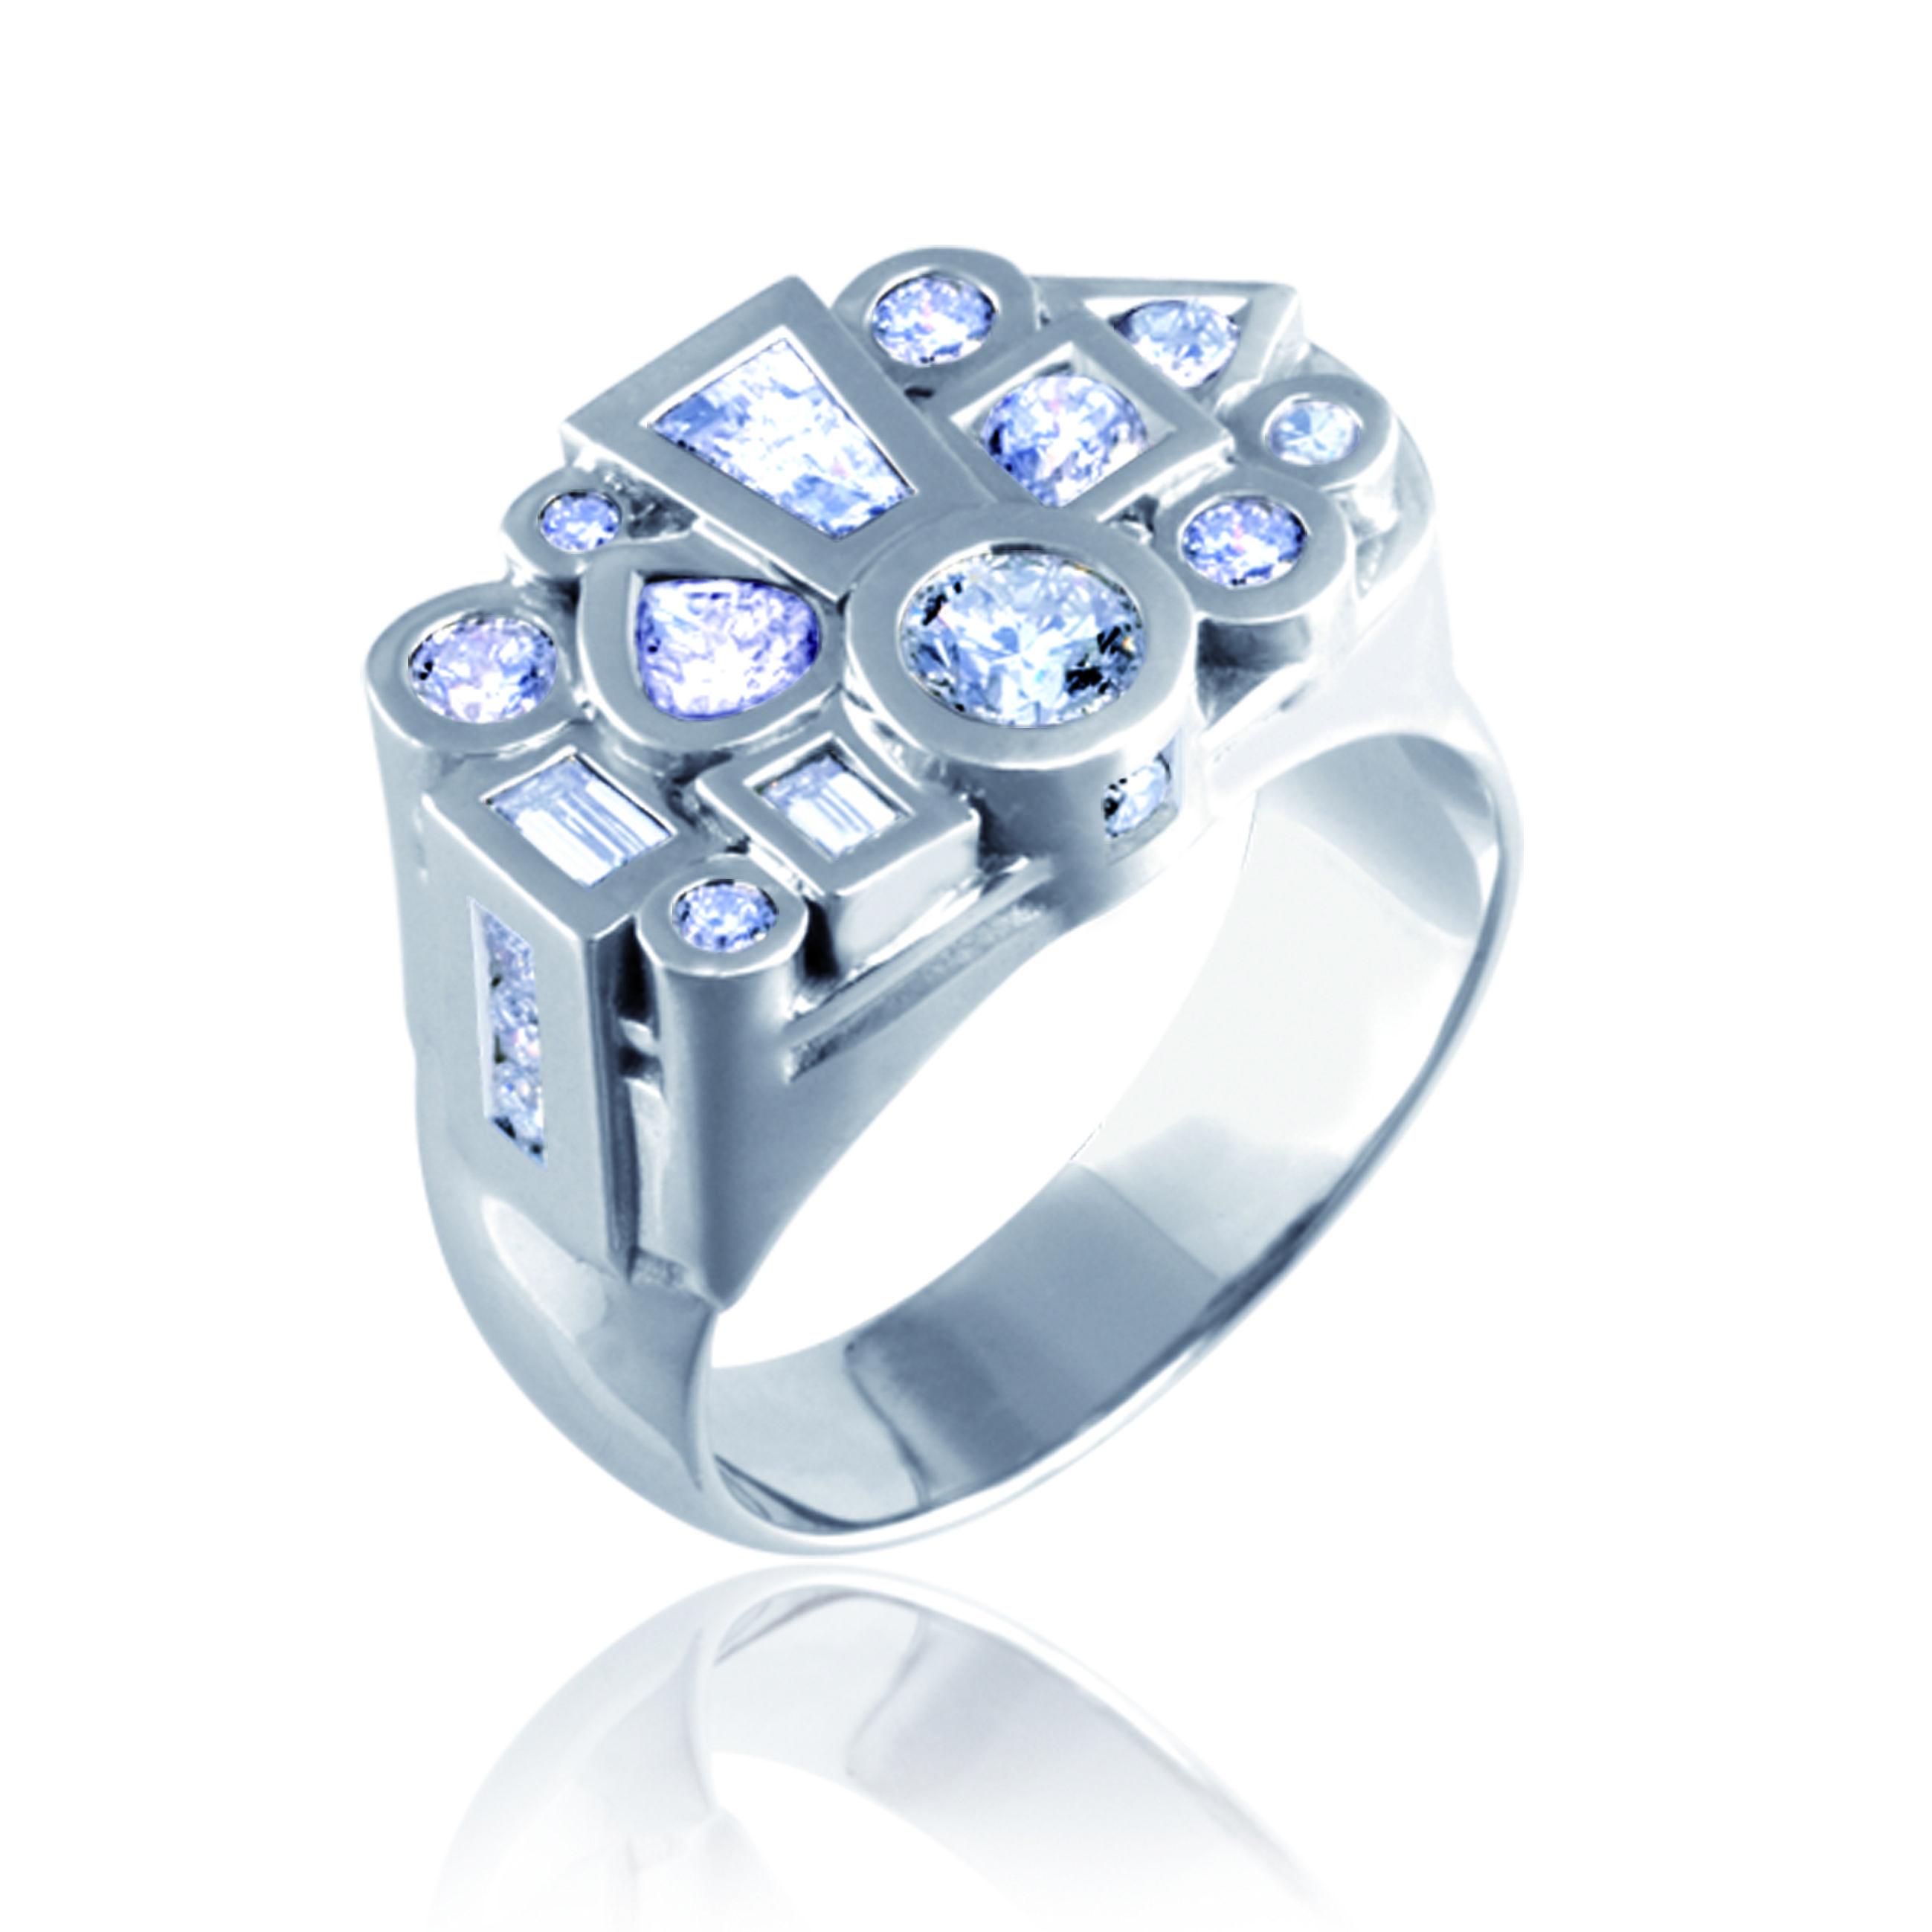 DiamantsPierres Bague Tanaüs Pierre 13 Et Homme Tournaire Diamant R4S3jLc5Aq